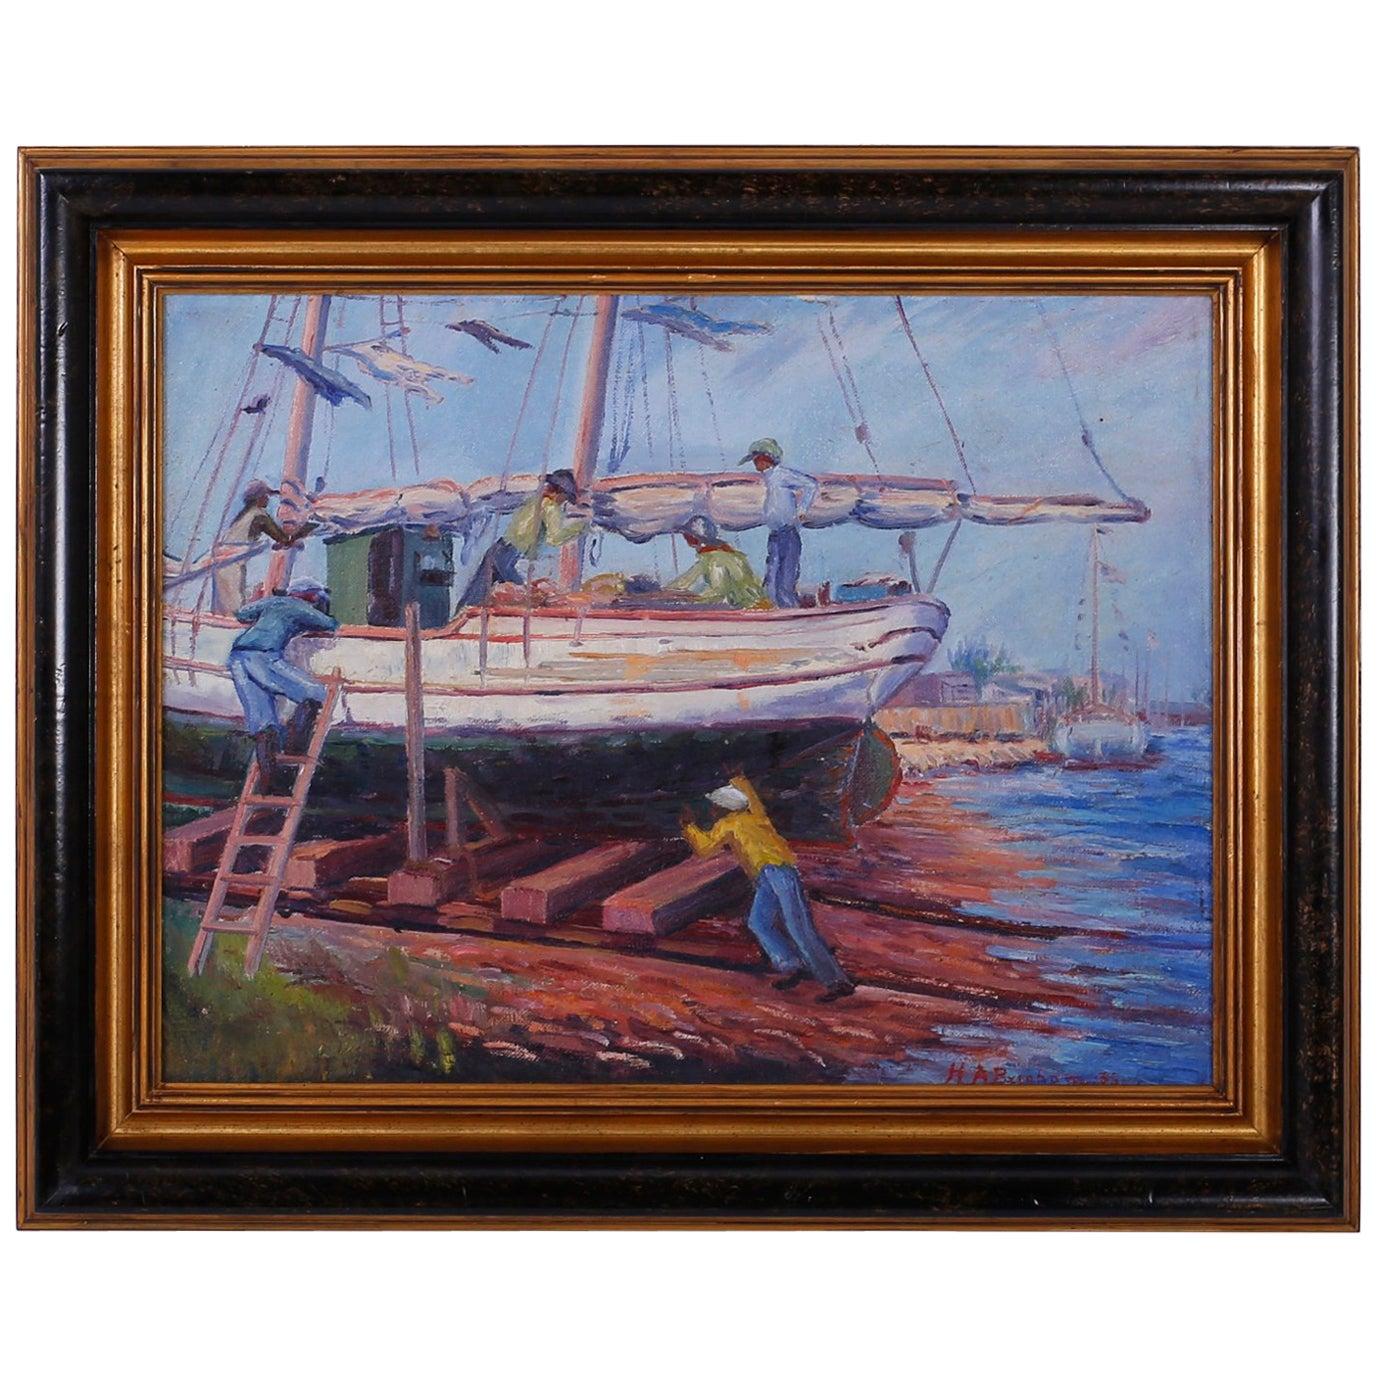 Vintage Impressionist Oil Painting of a Harbor Scene